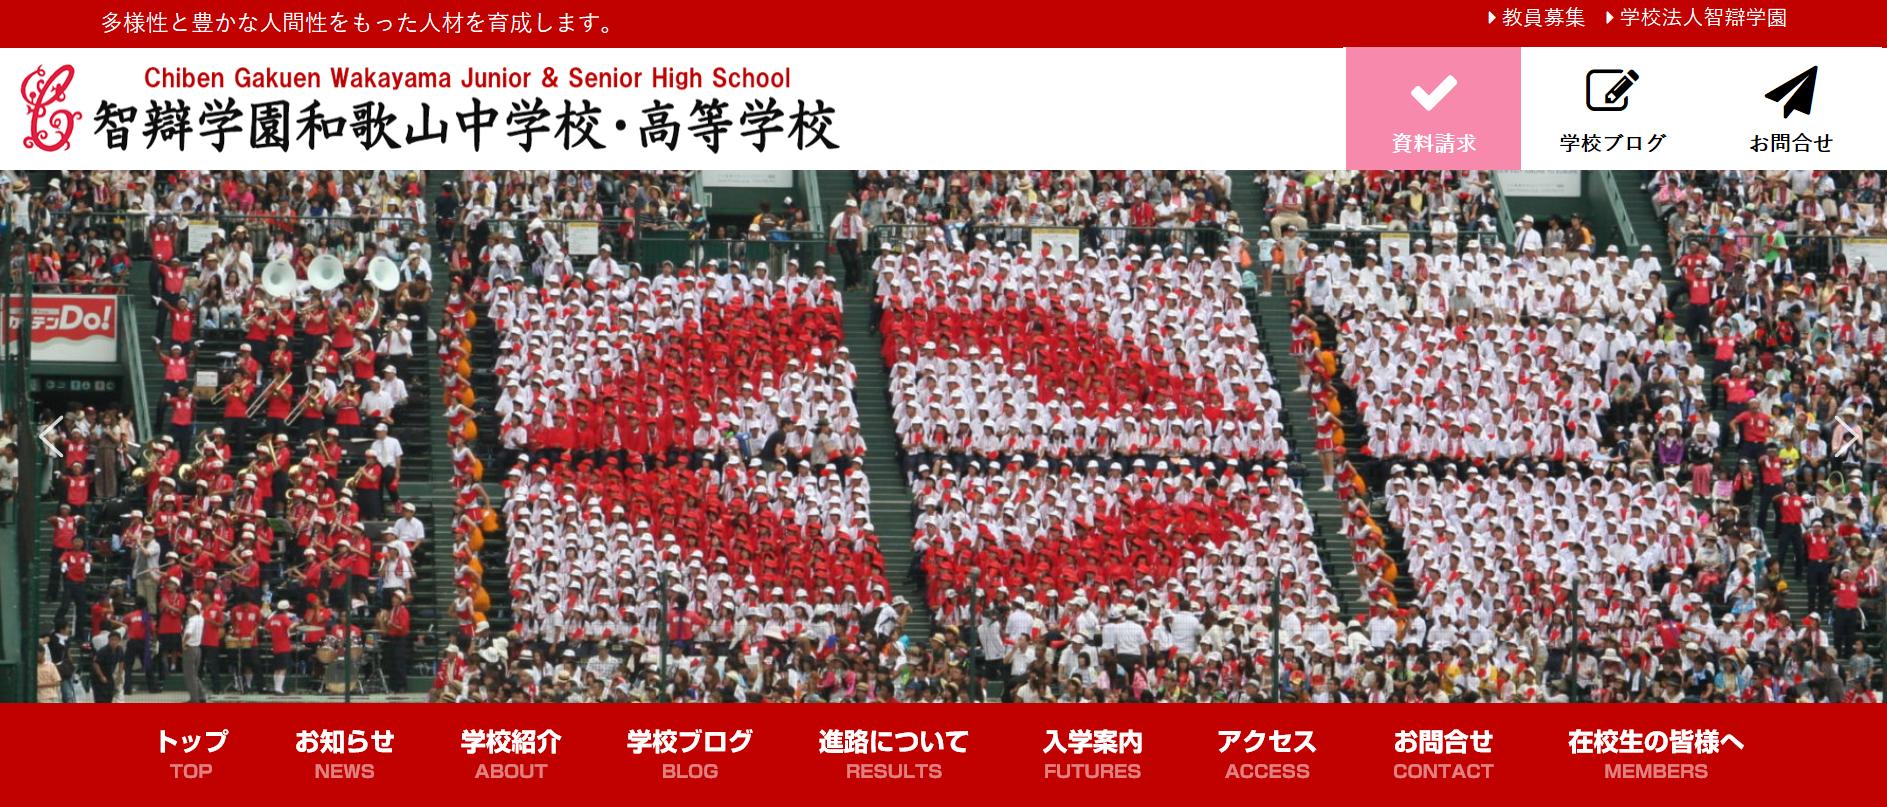 第101回全国高等学校野球選手権大会:和歌山代表【智弁和歌山】